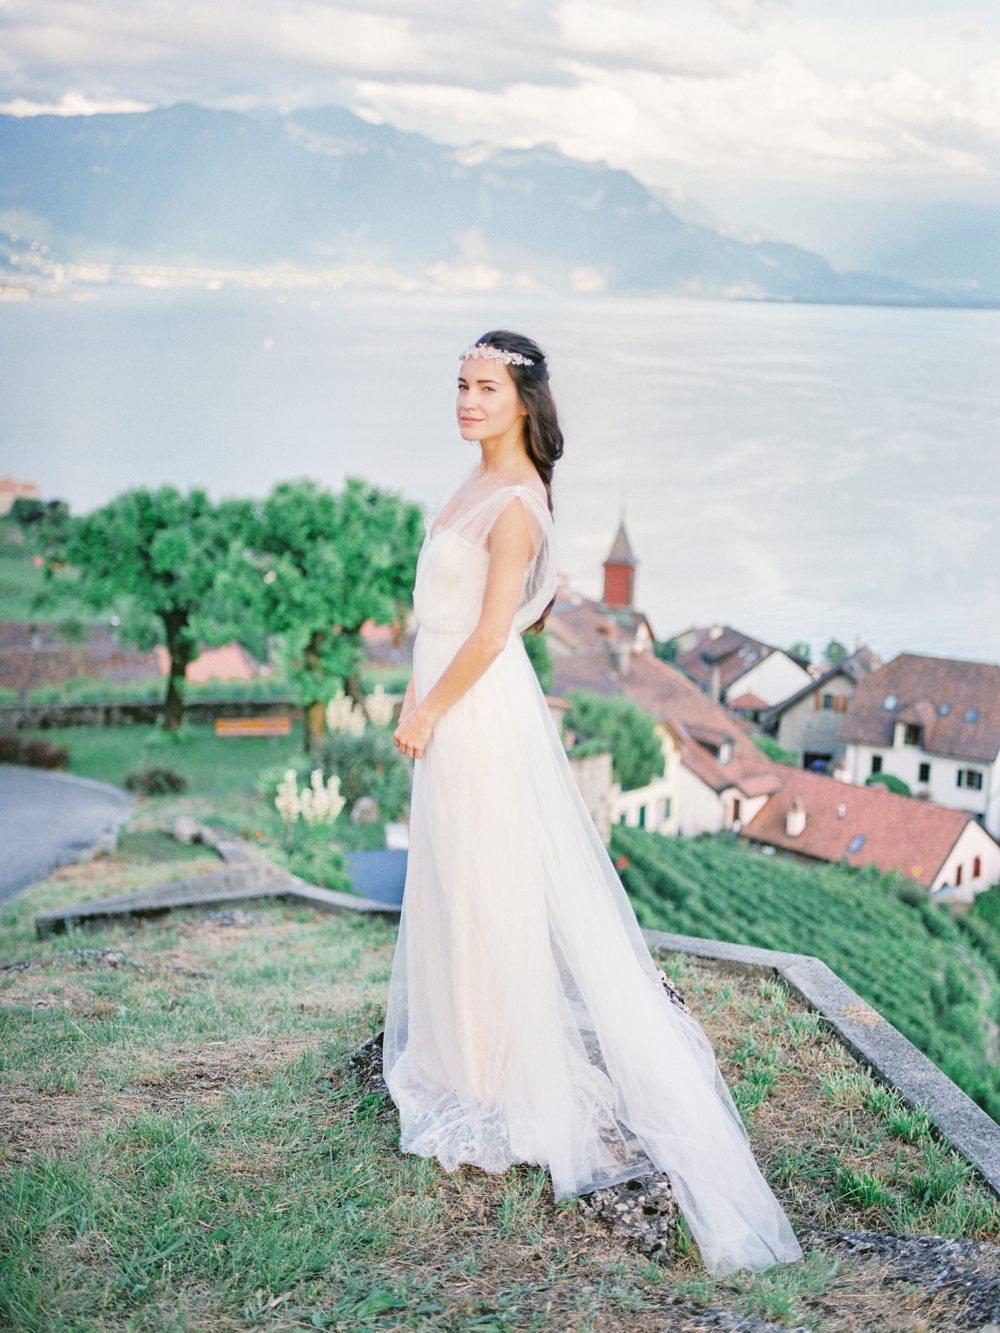 В долине голубых озер и величественных гор: стилизованная фотосессия